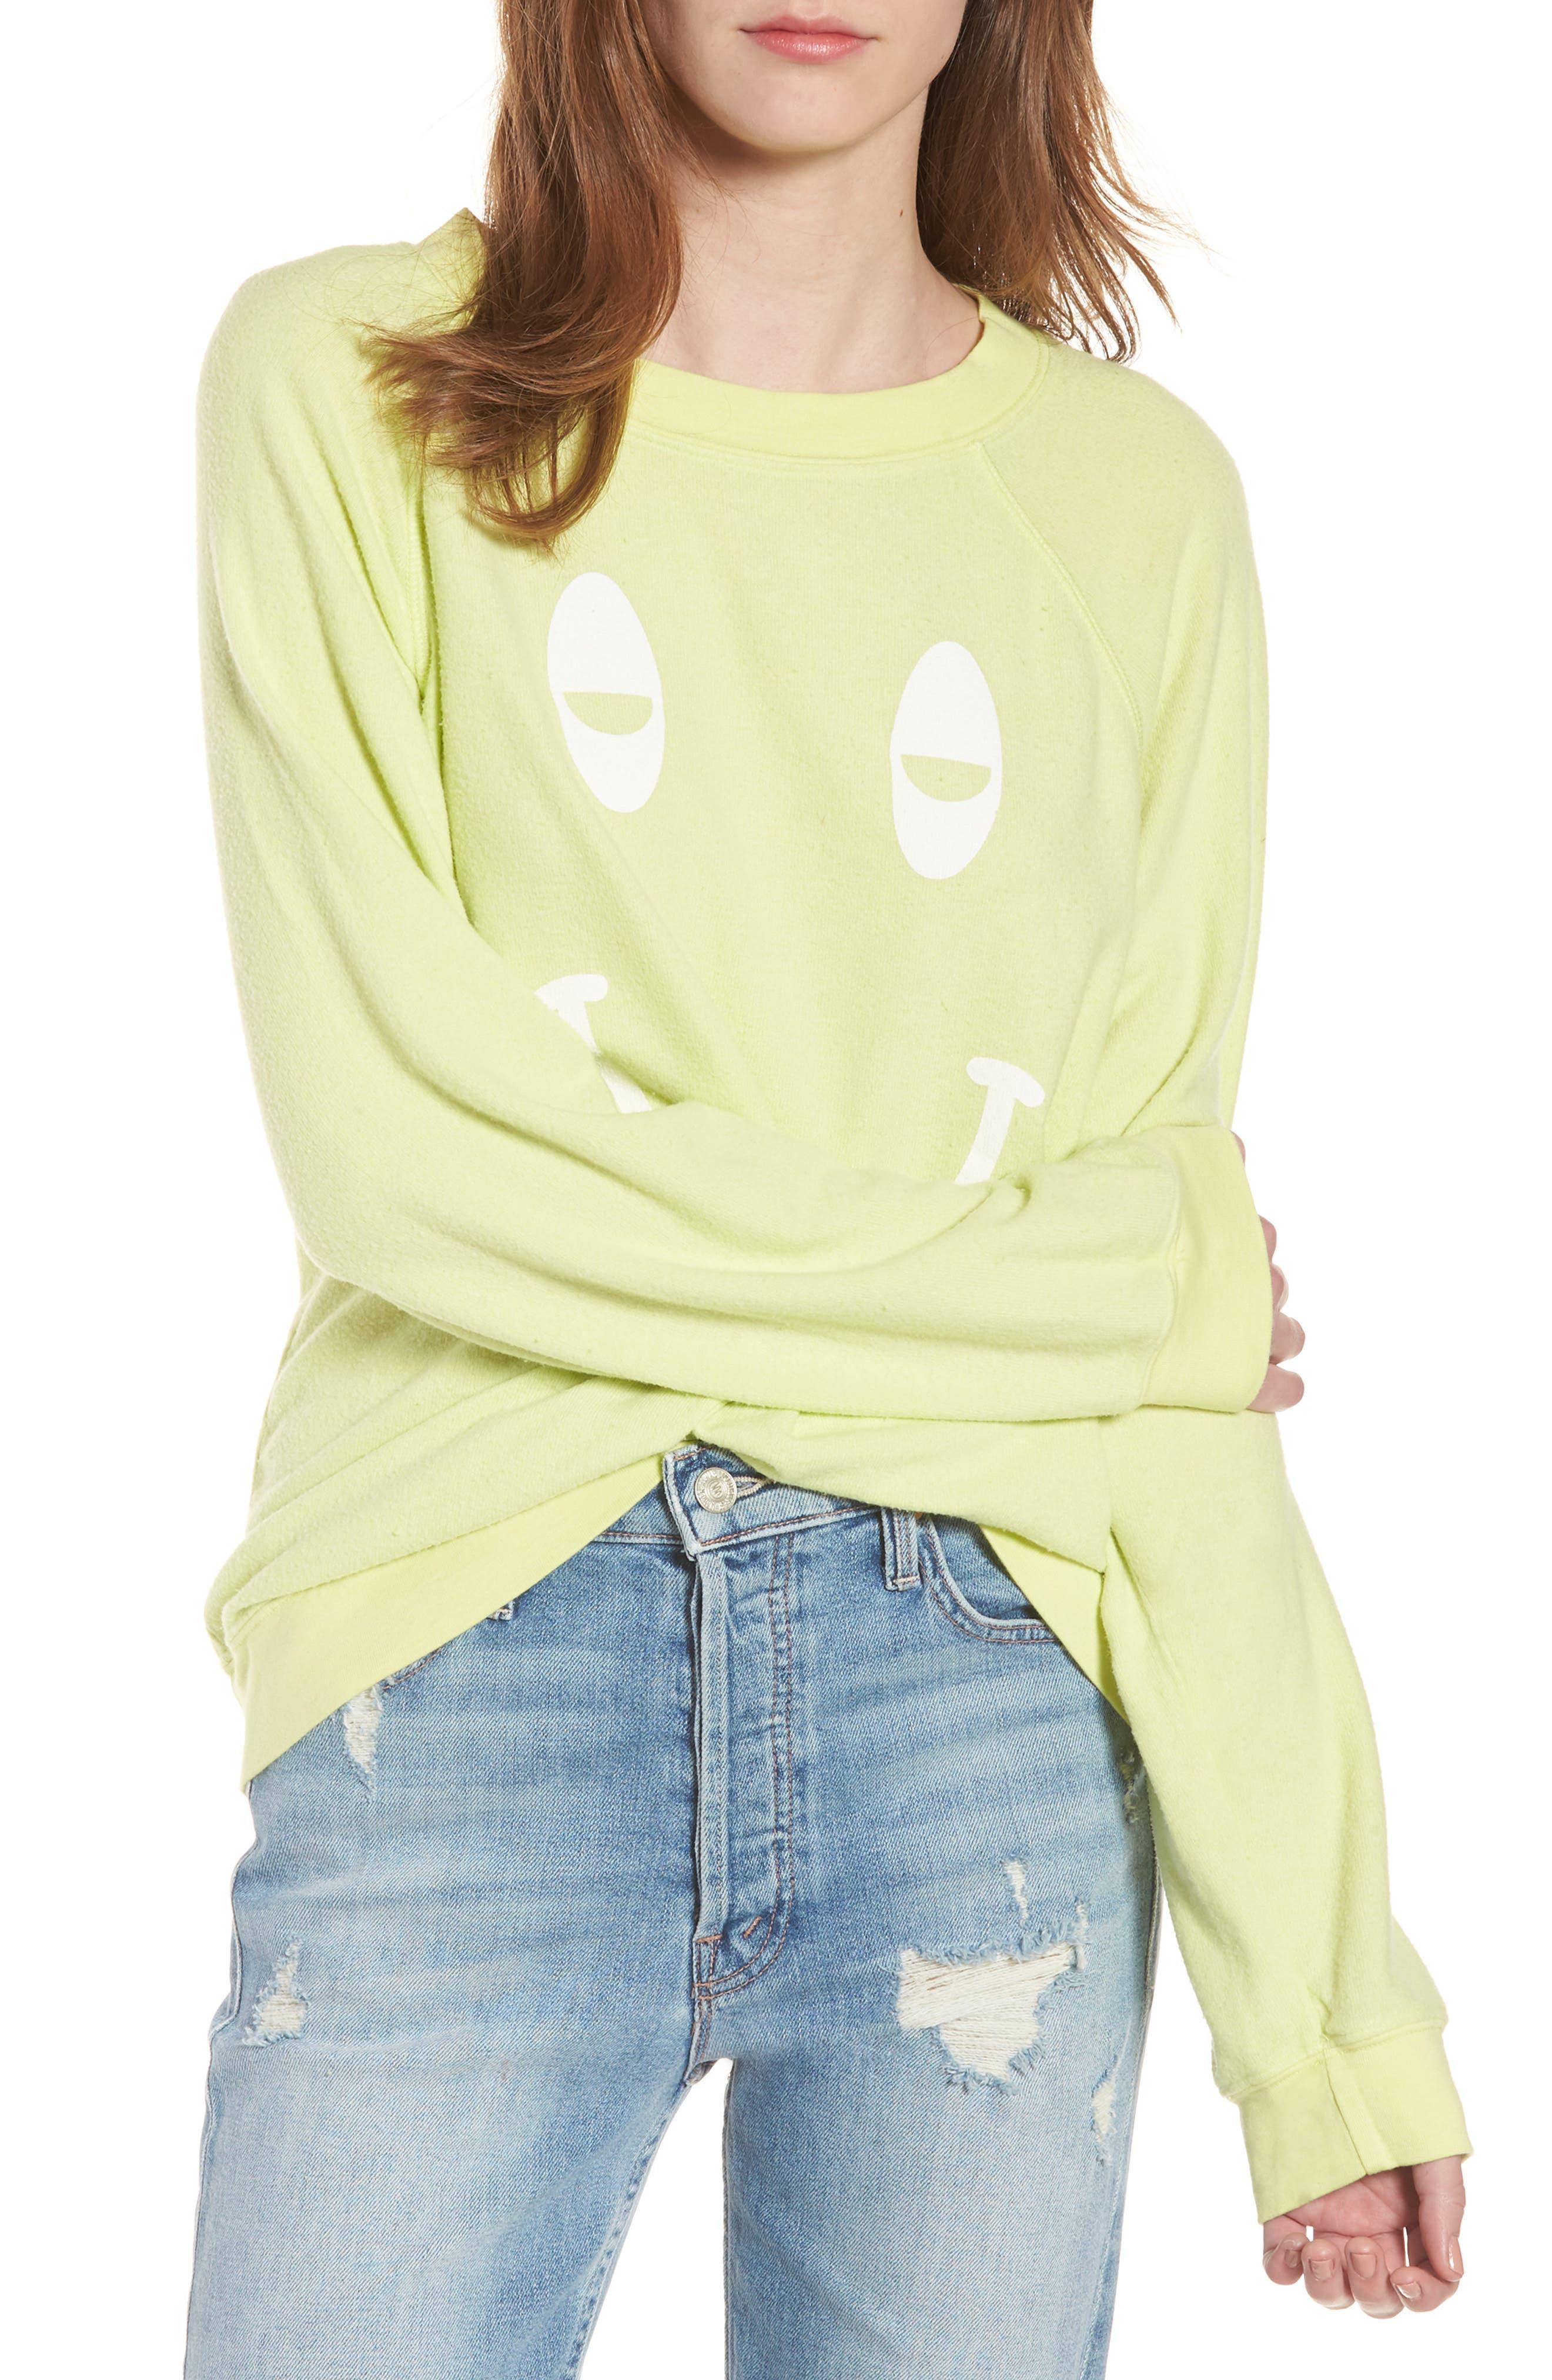 Sleepy Smiley Sommers Sweatshirt,                         Main,                         color, Yellow Glow